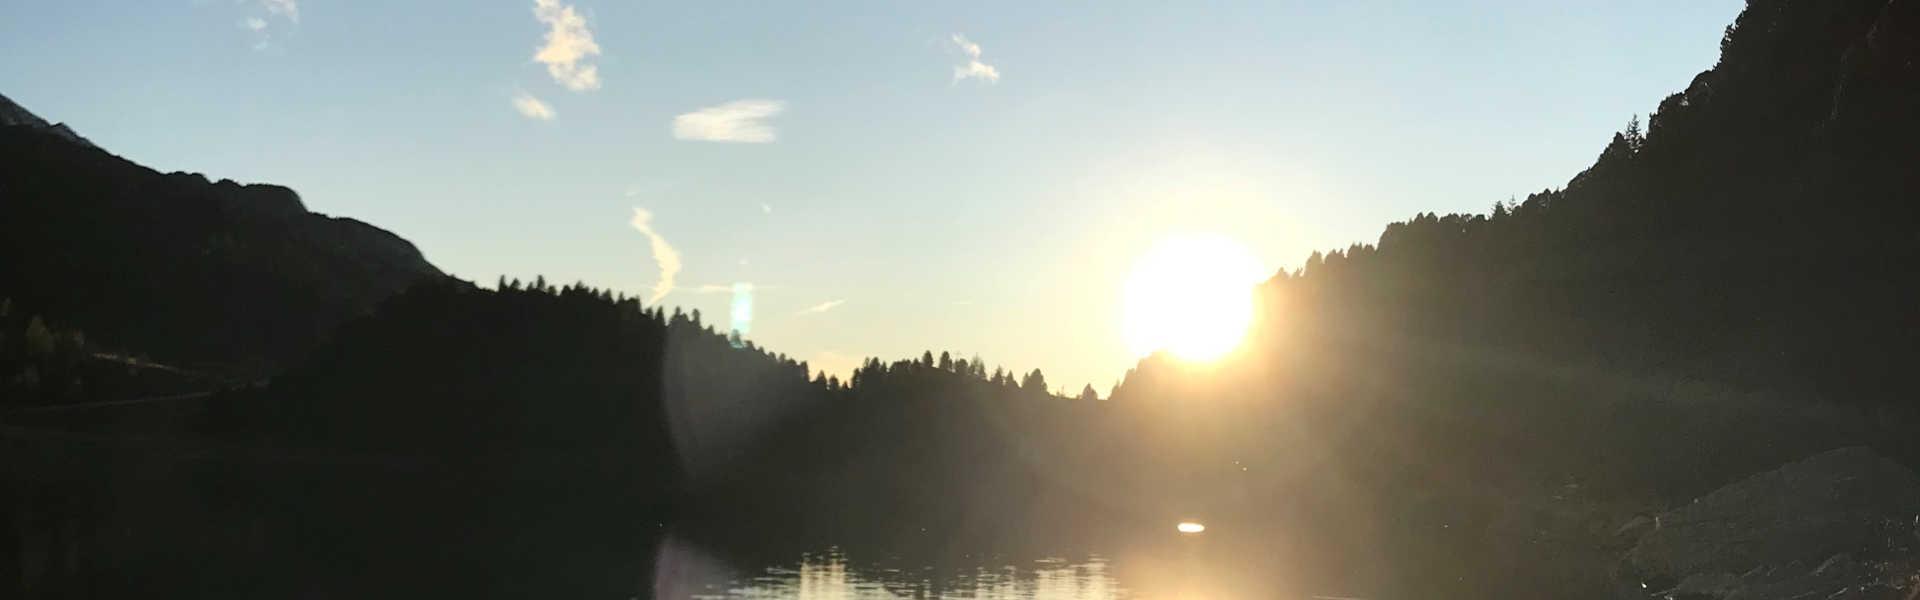 Freizeit - Sommerfreizeit - Wandern - Headerbild